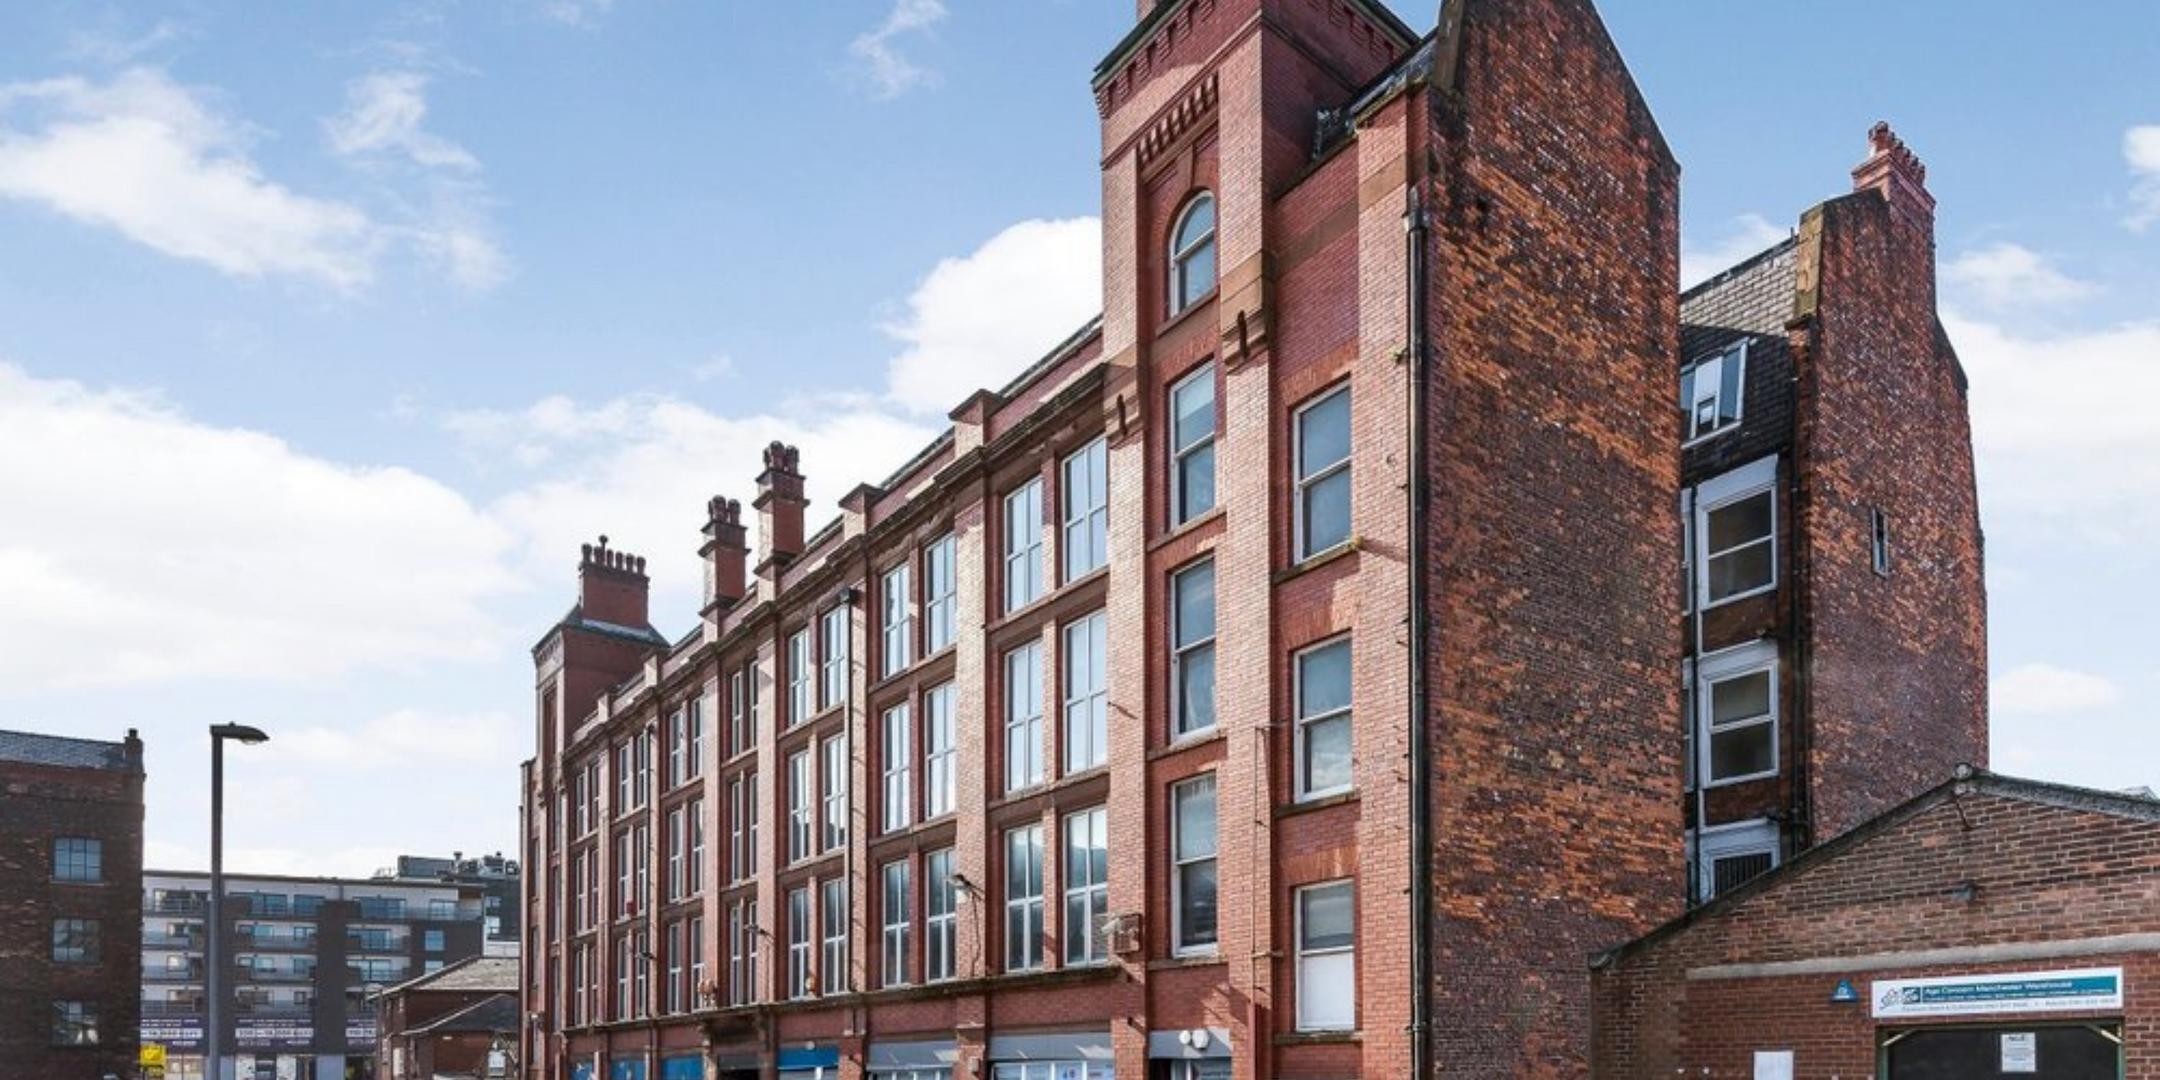 4. Manchester